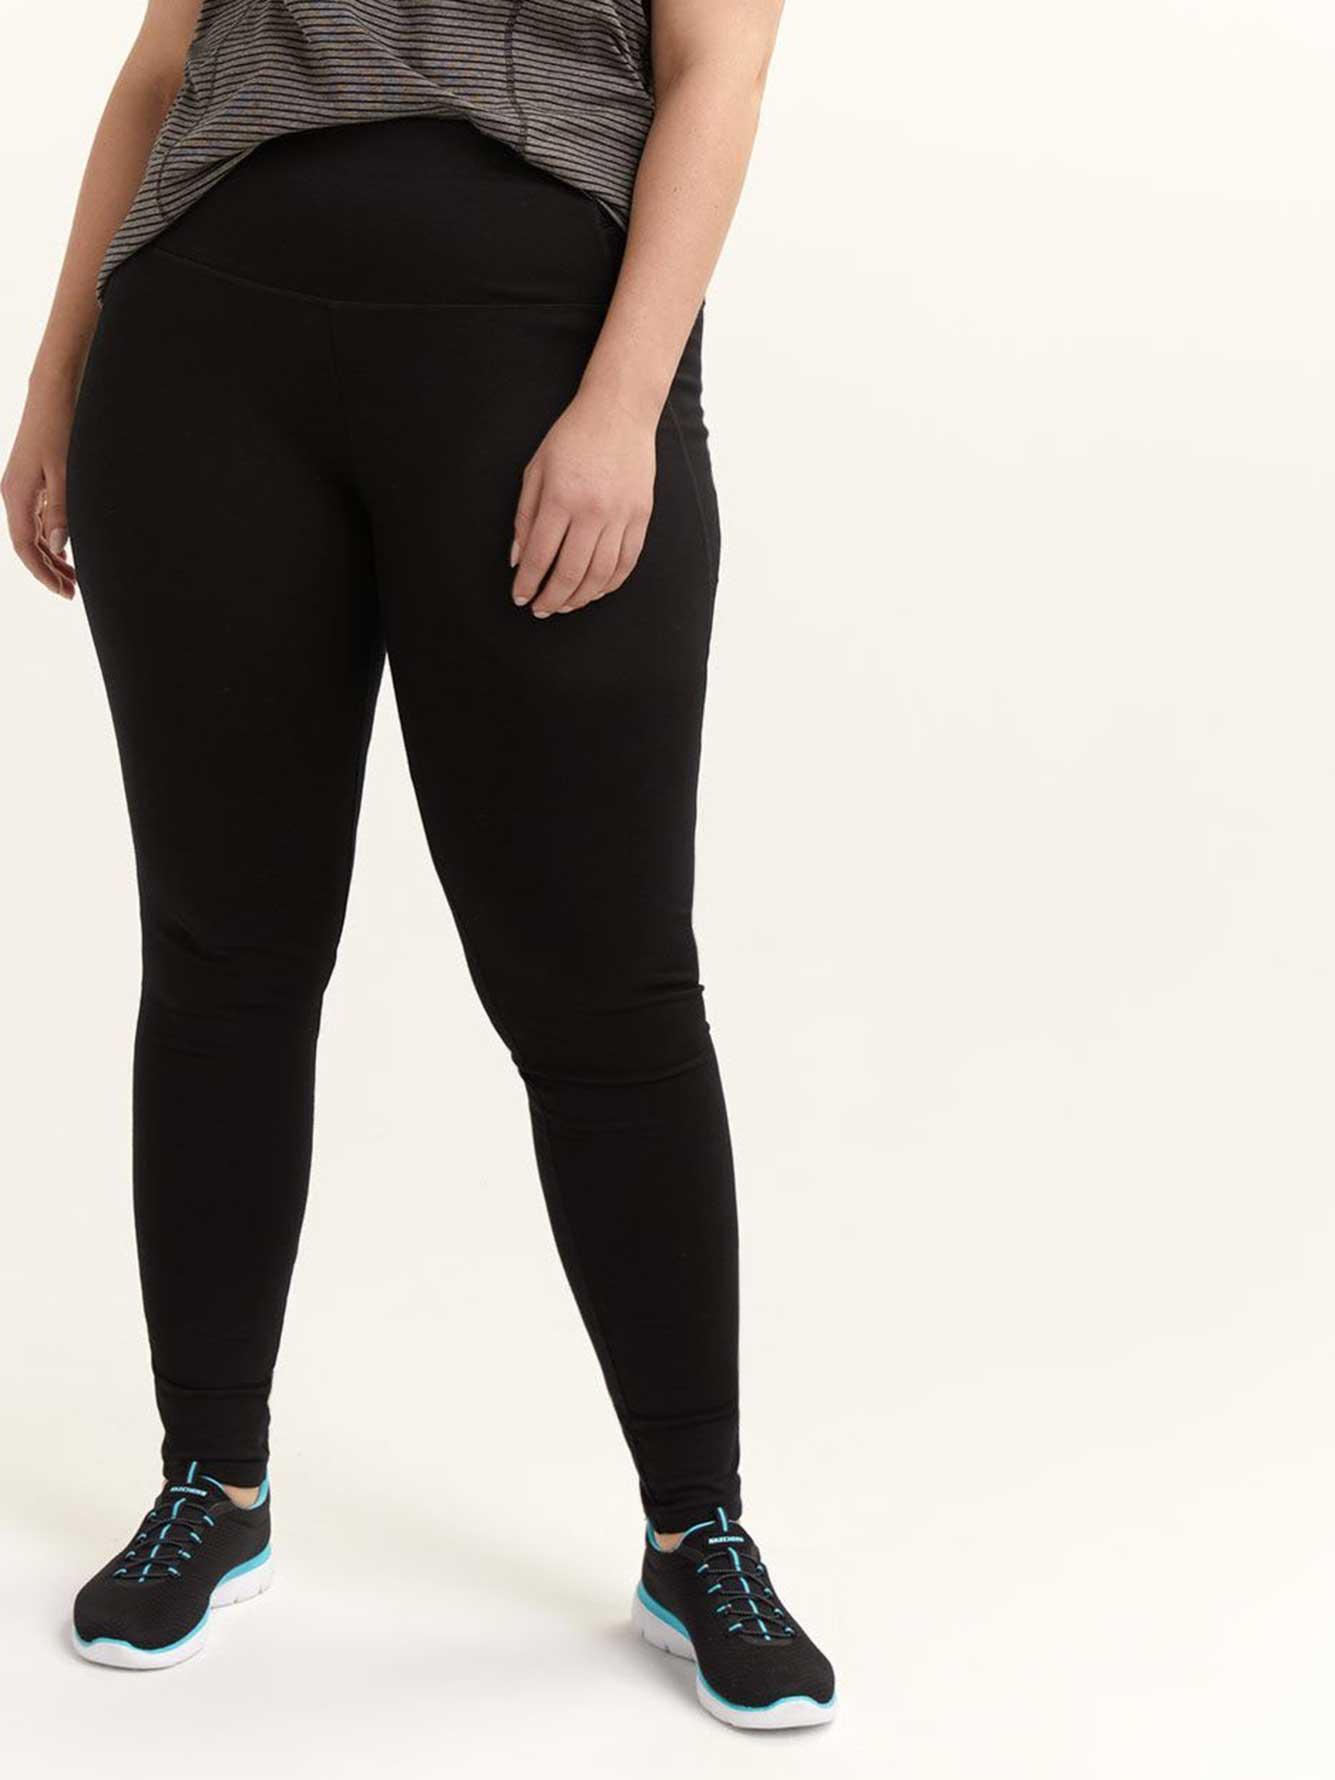 12d2d893c4a Tall - Plus Size Fit Solution Black Leggings - ActiveZone